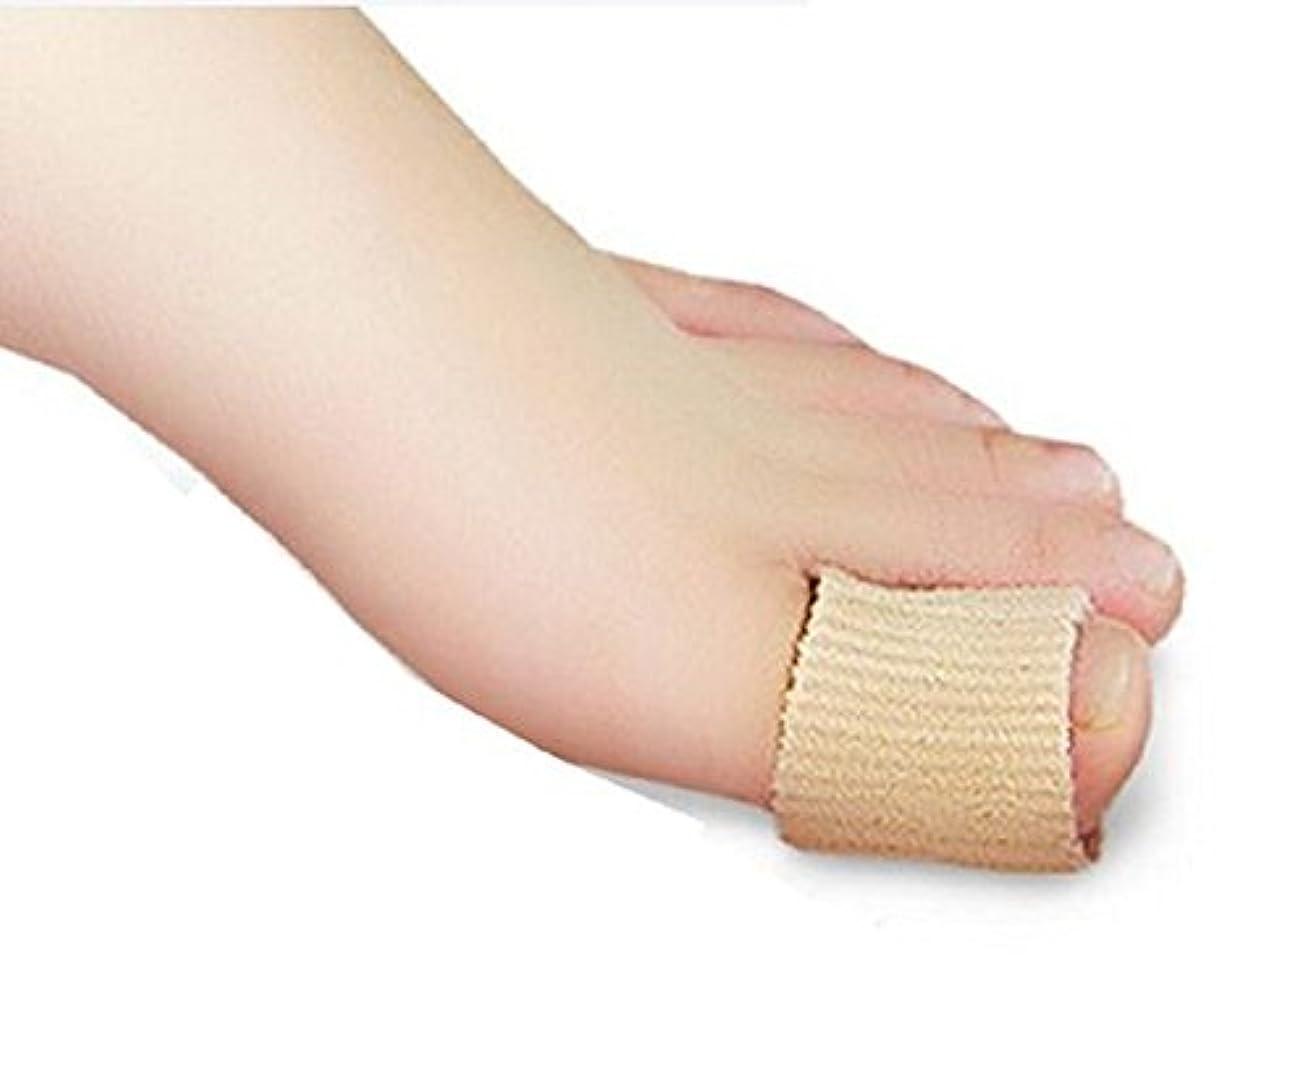 合唱団蓋信条I BECOME FREE 足指保護パッド 手の指 突き指 足まめ マメ 水虫 腫れ 内部のジェルで優しく包みます